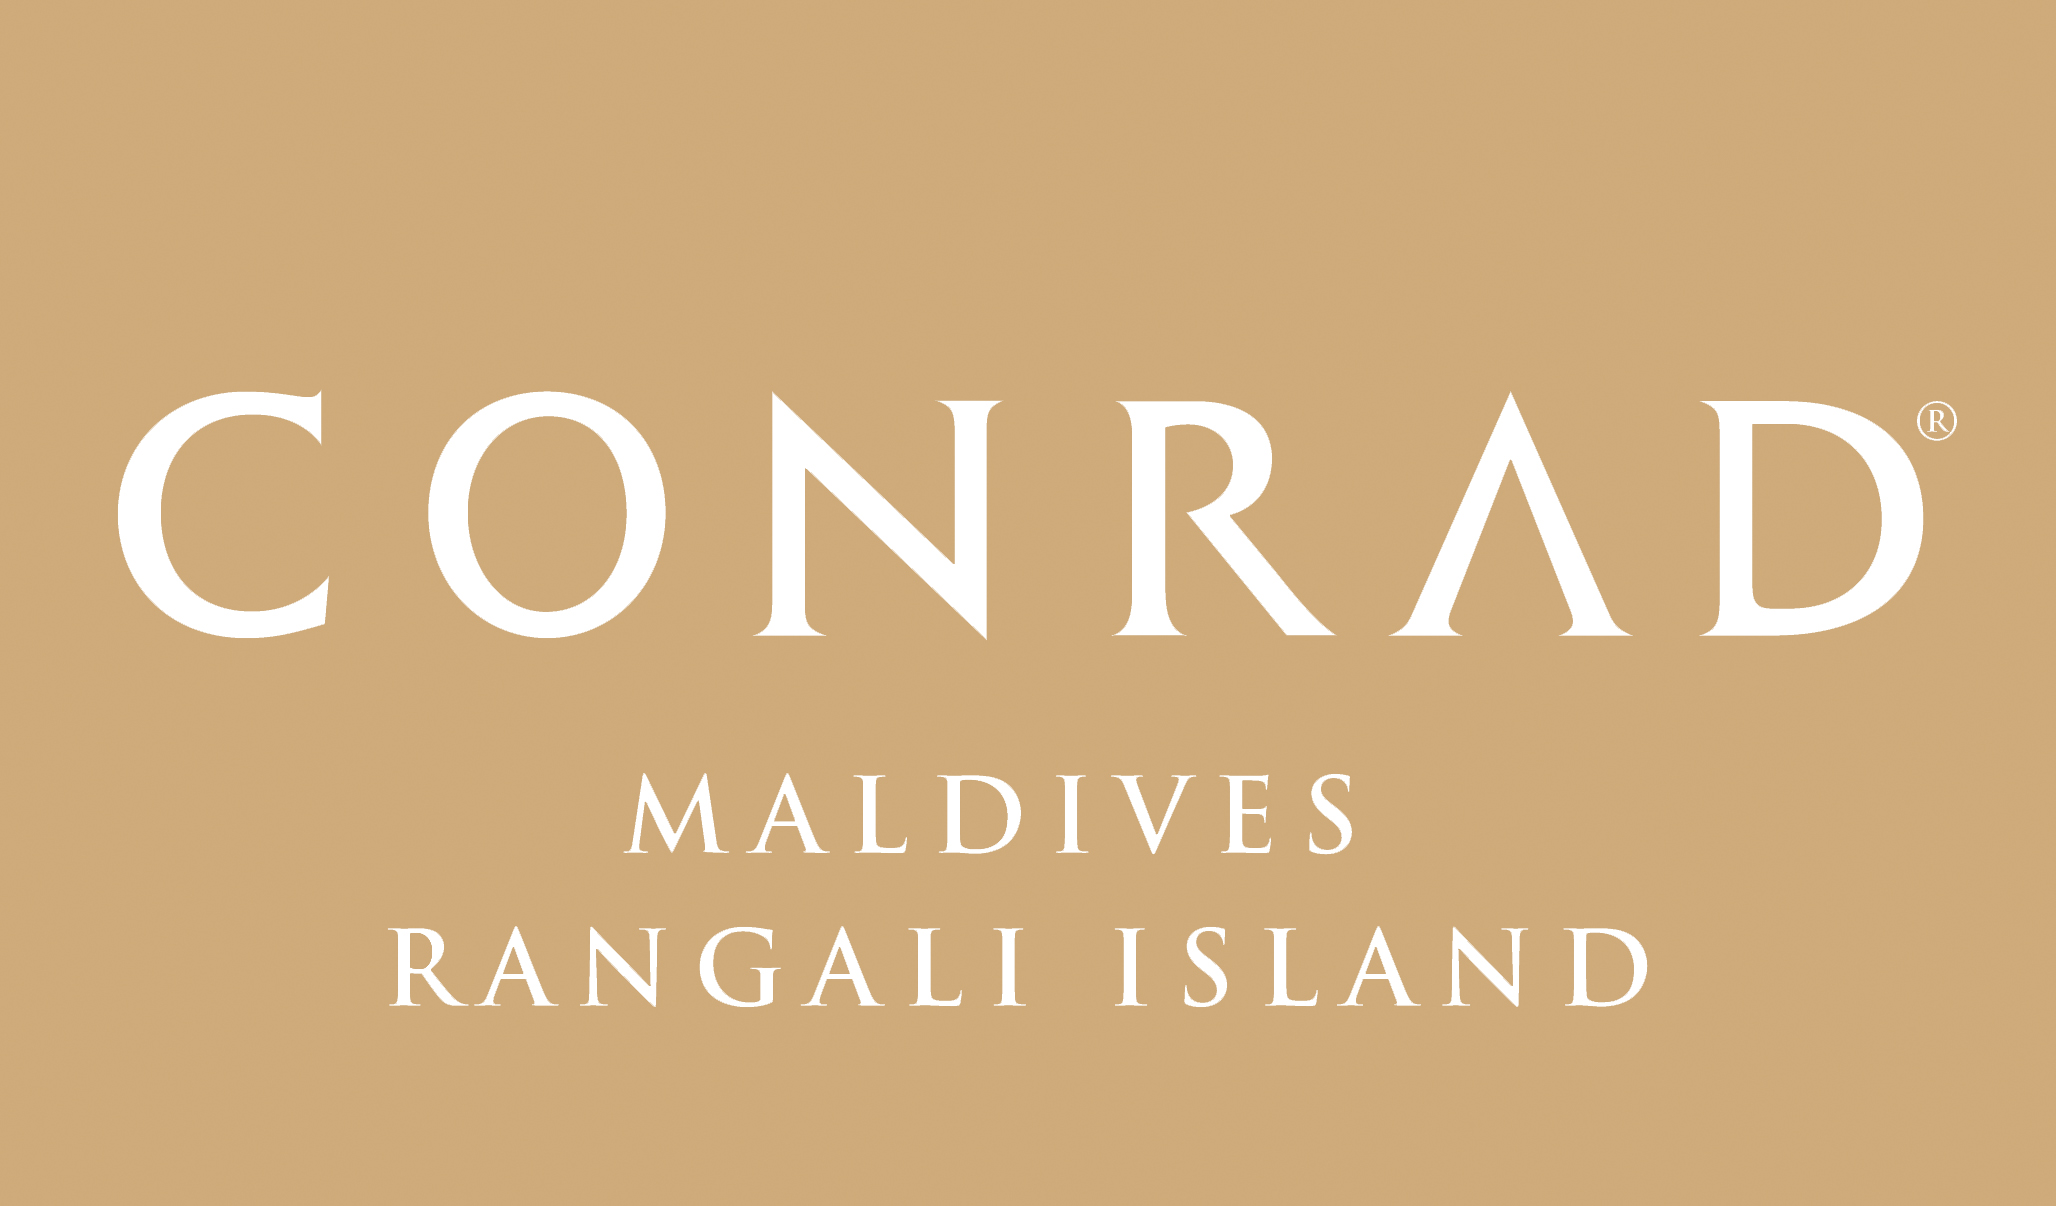 vacancies at conrad maldives rangali island